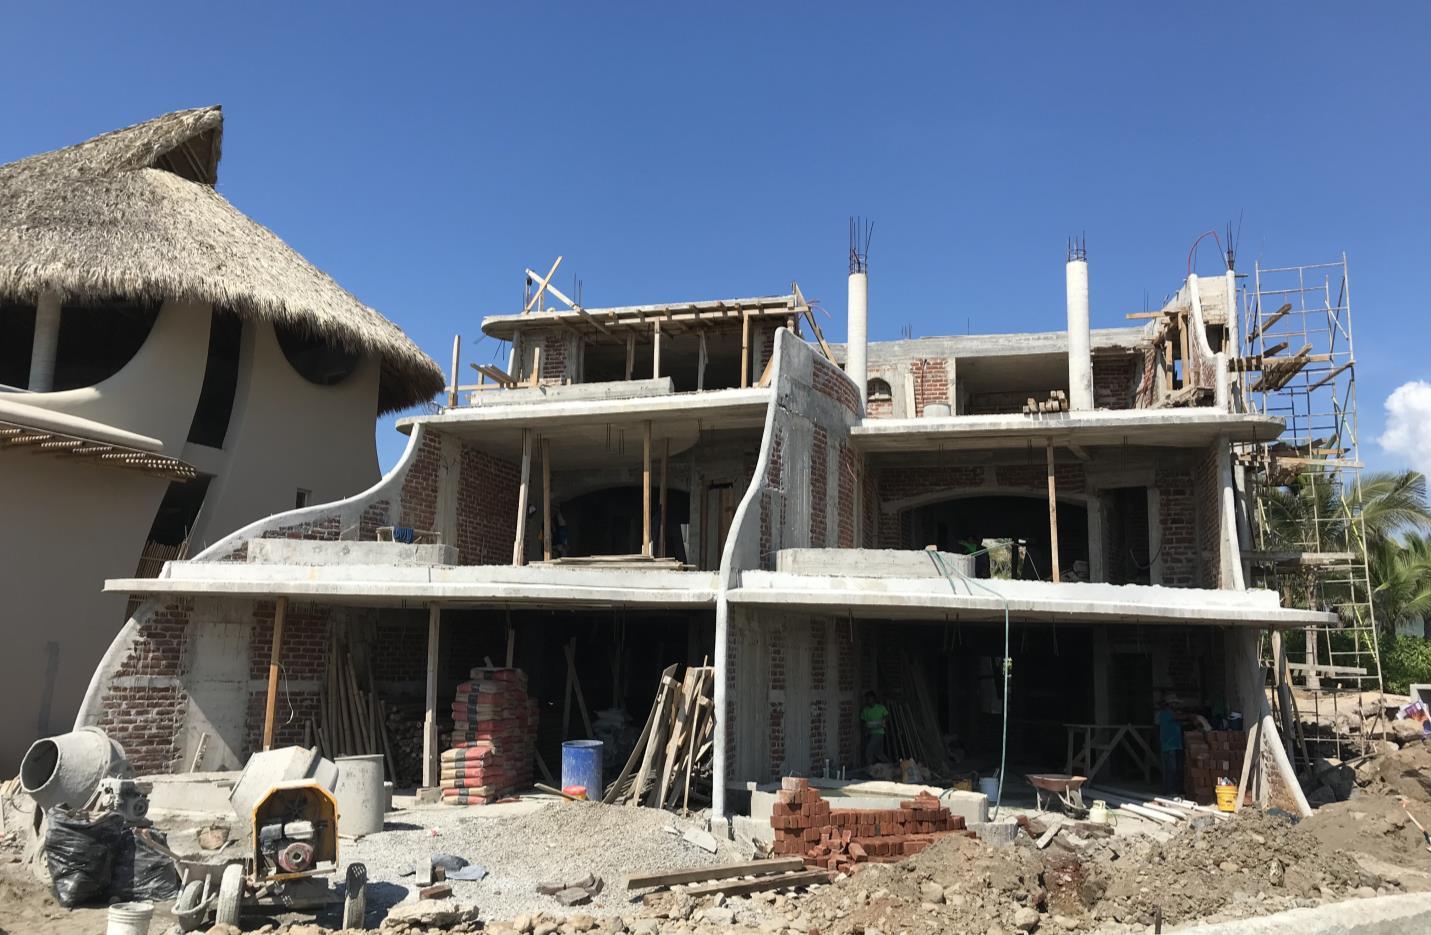 REPORTE-FOTOGRAFICO-PUNTA-MAJAHUA-31-DE-OCTUBRE-DEL-2018-011.jpg